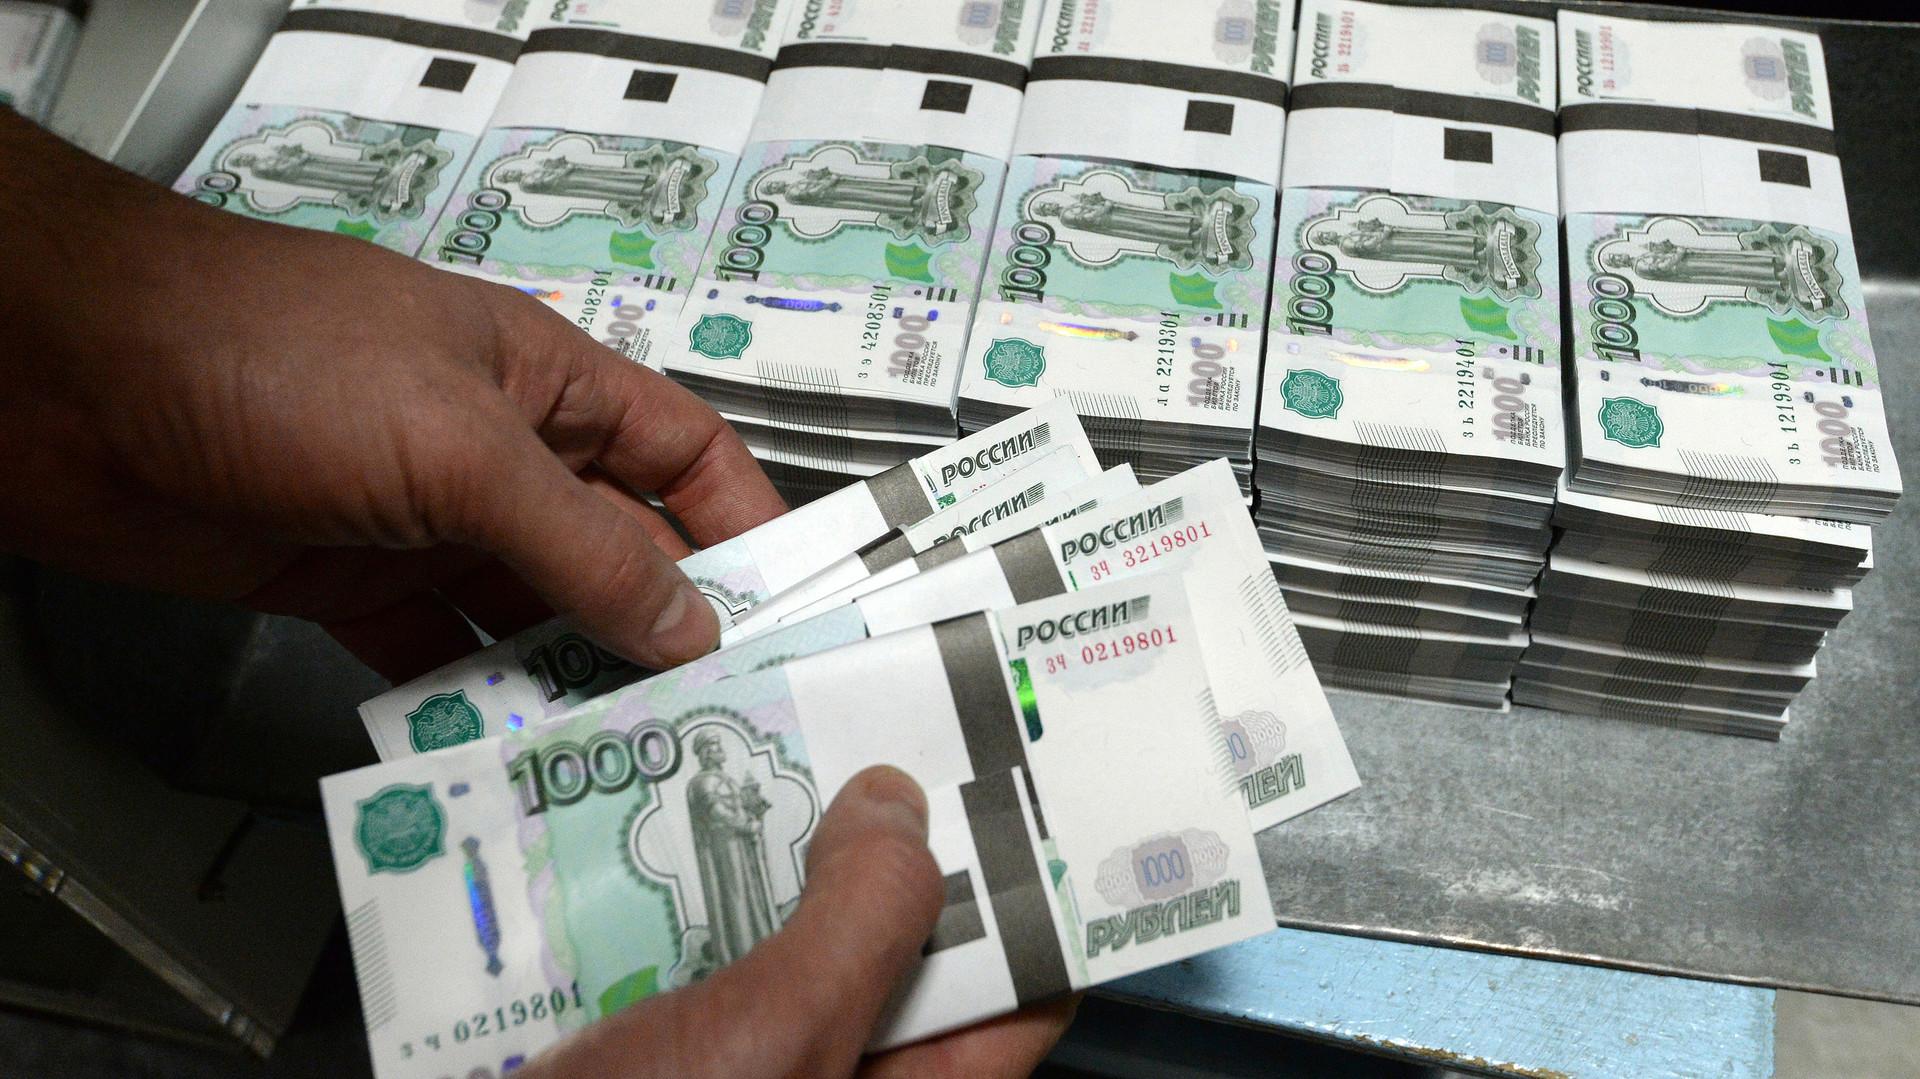 Утомлённые рисками: Центробанк отозвал лицензии у четырёх банков